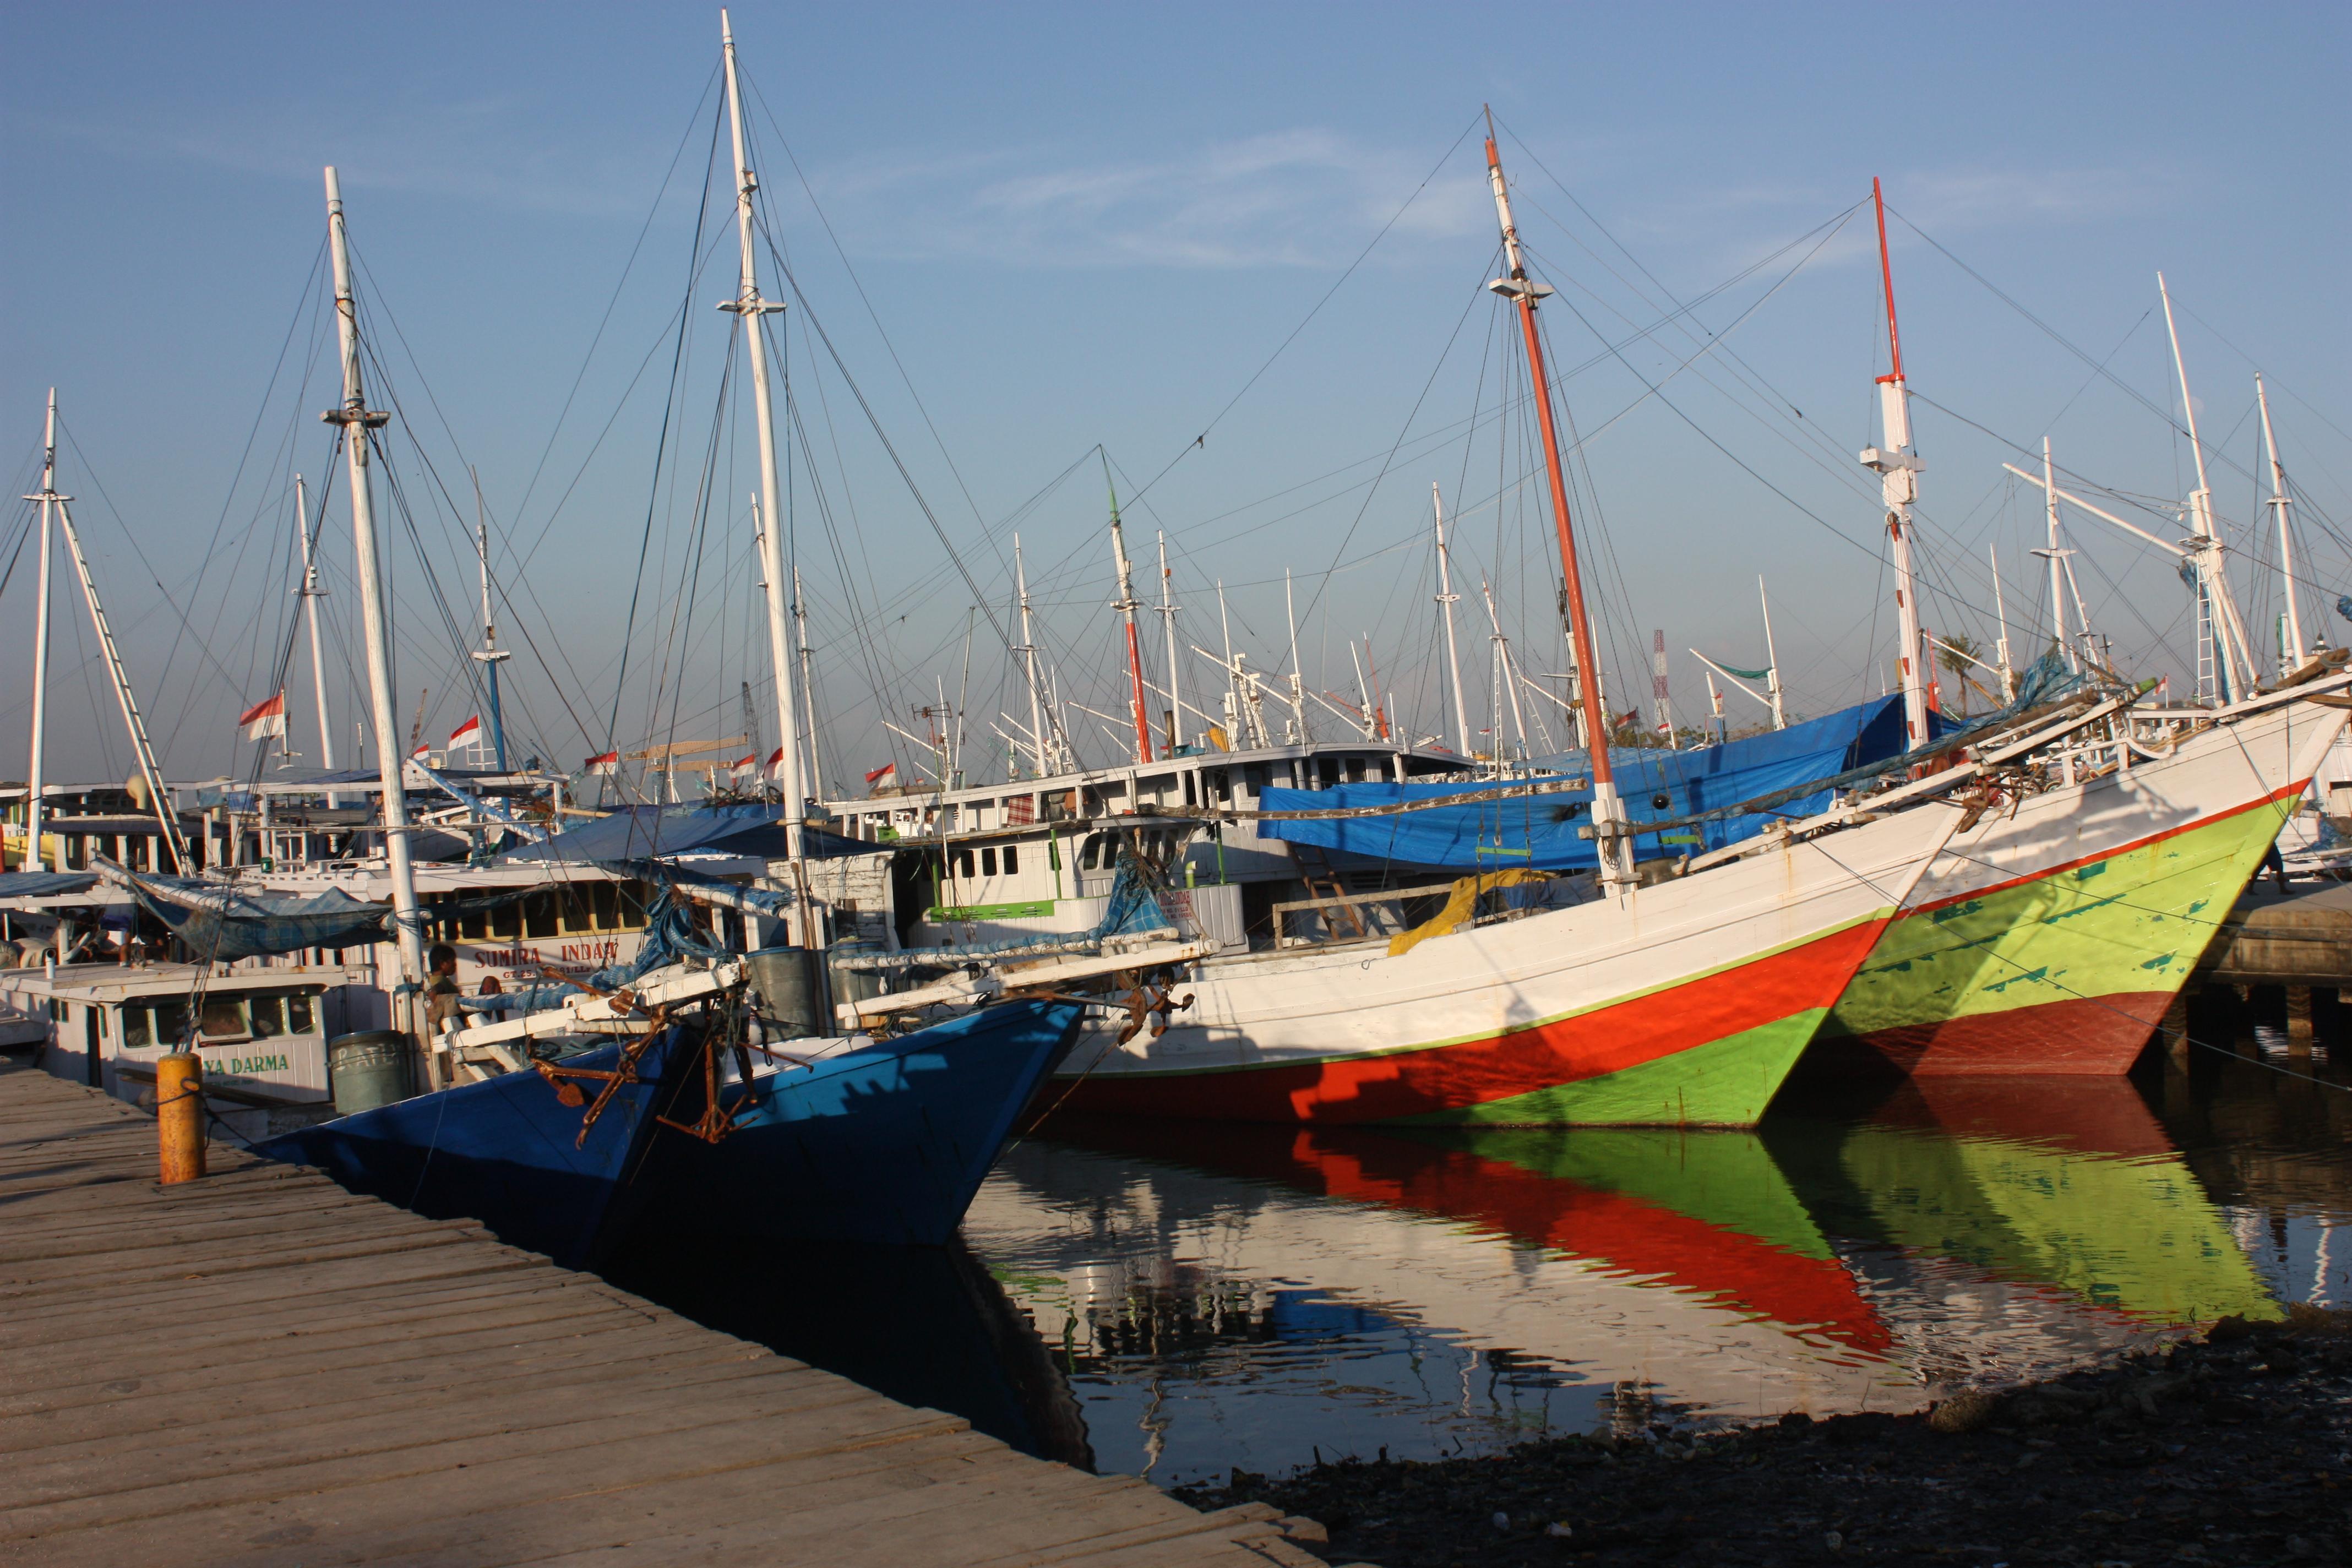 Indonesia berperan dalam mengawasi penyelundupan narkoba